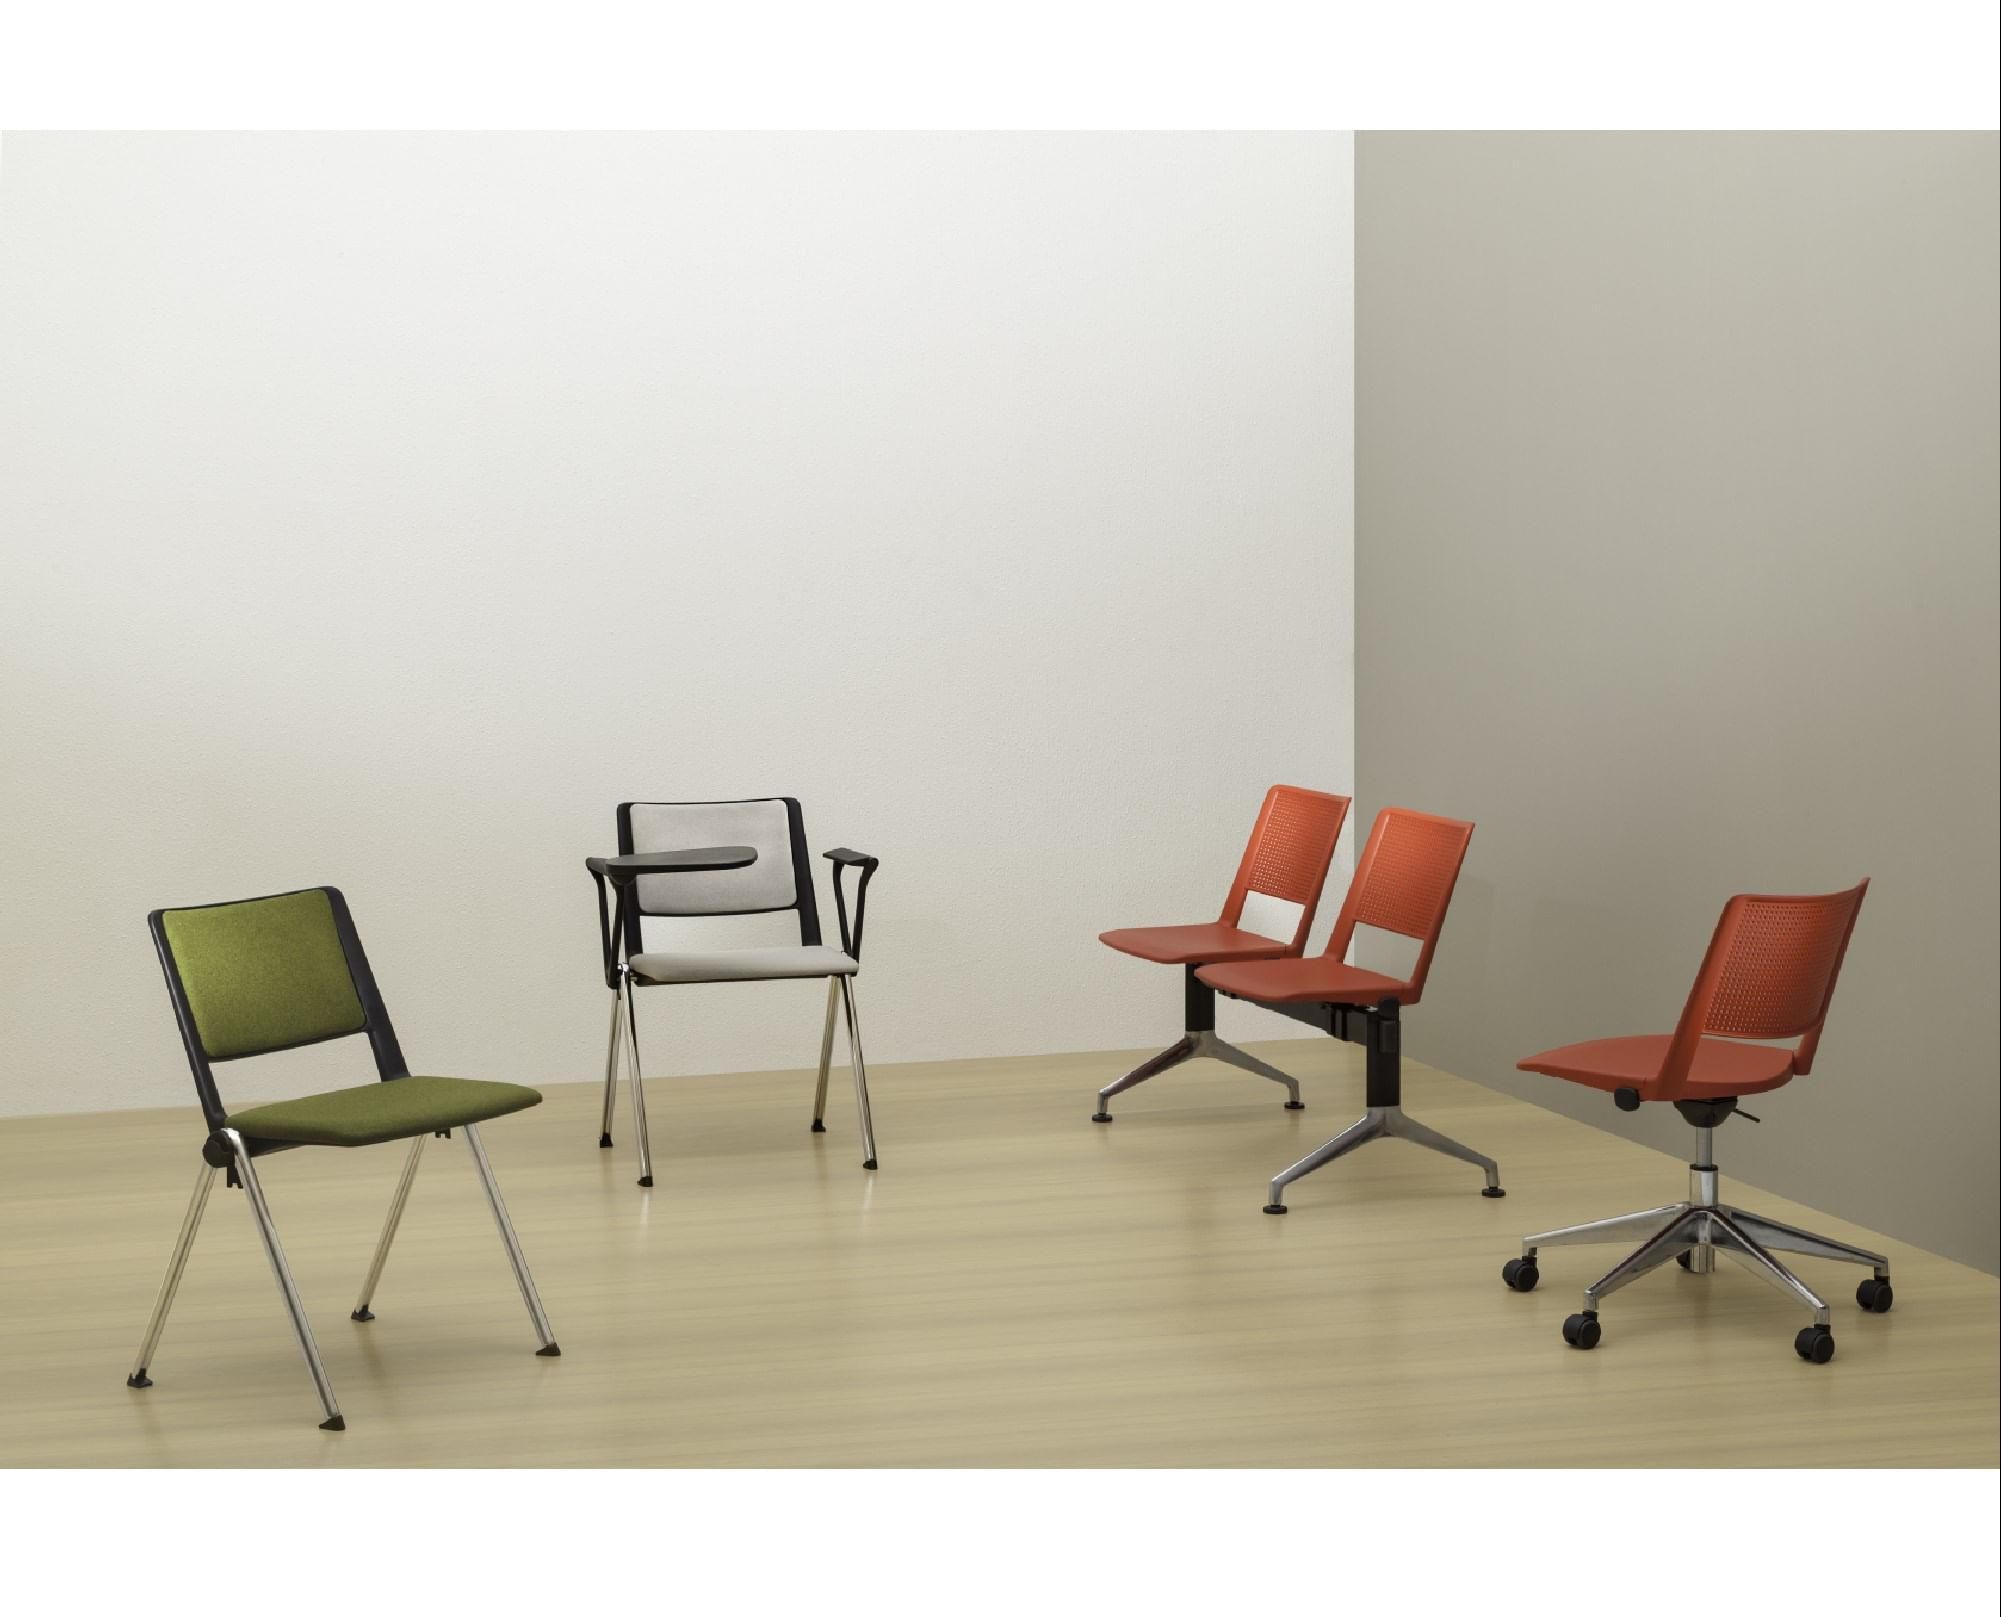 Kit 5 Cadeiras Up com Bracos Assento Marrom Base Fixa Preta - 57830